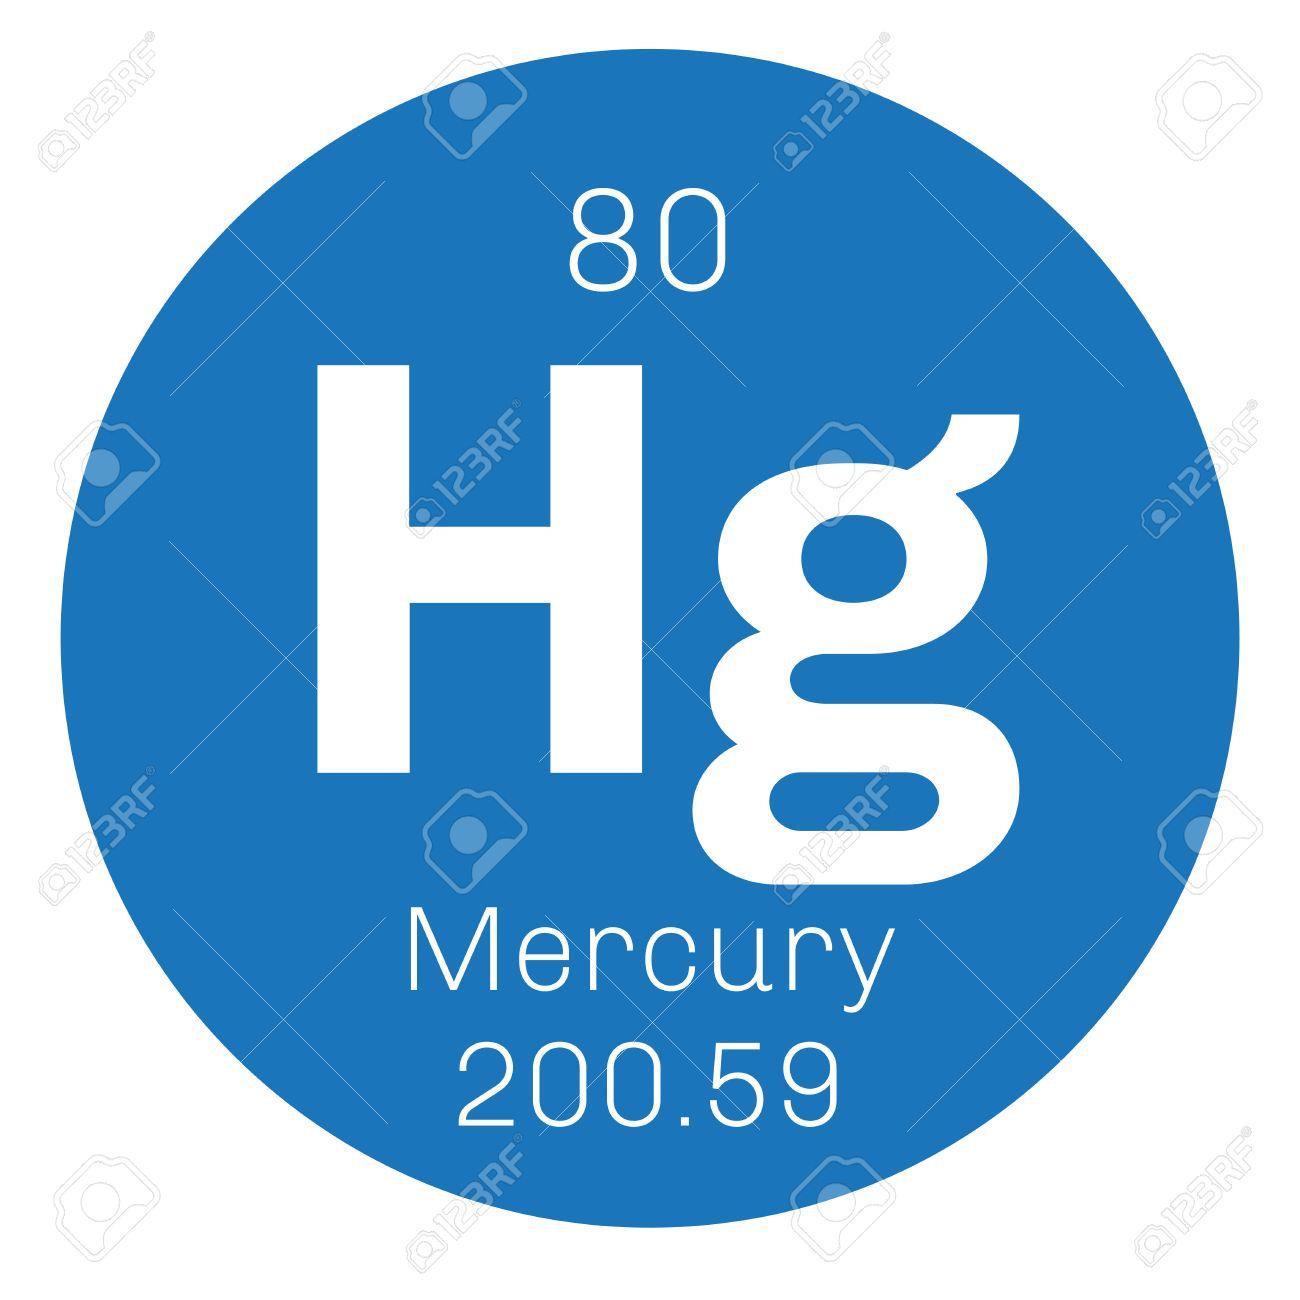 Mercurio en estado elemental comnmente conocido como el mercurio comnmente conocido como el mercurio icono de color con el nmero atmico y el peso atmico elemento qumico de la tabla peridica urtaz Gallery